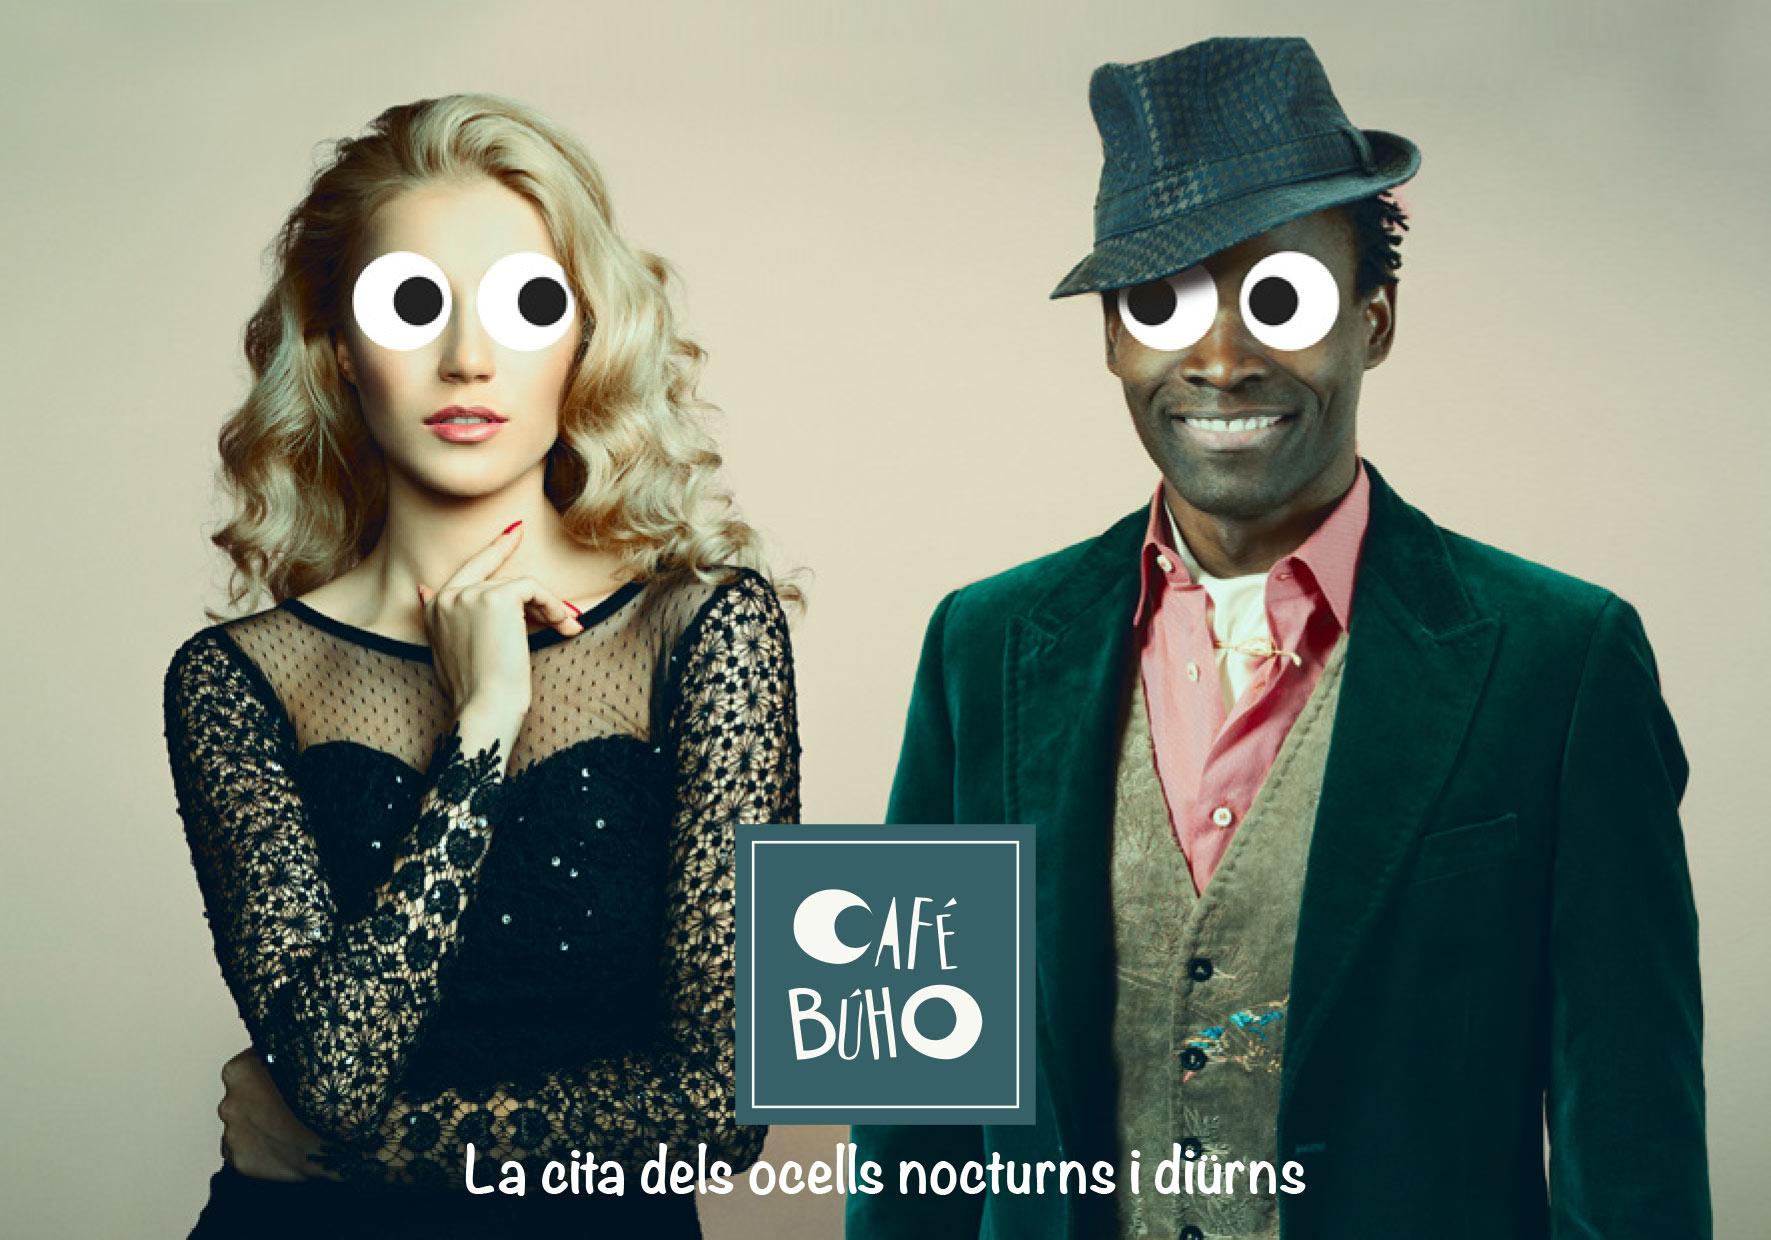 Agence Place des Victoires Communication - Café Buho - Publicité - visuel couple